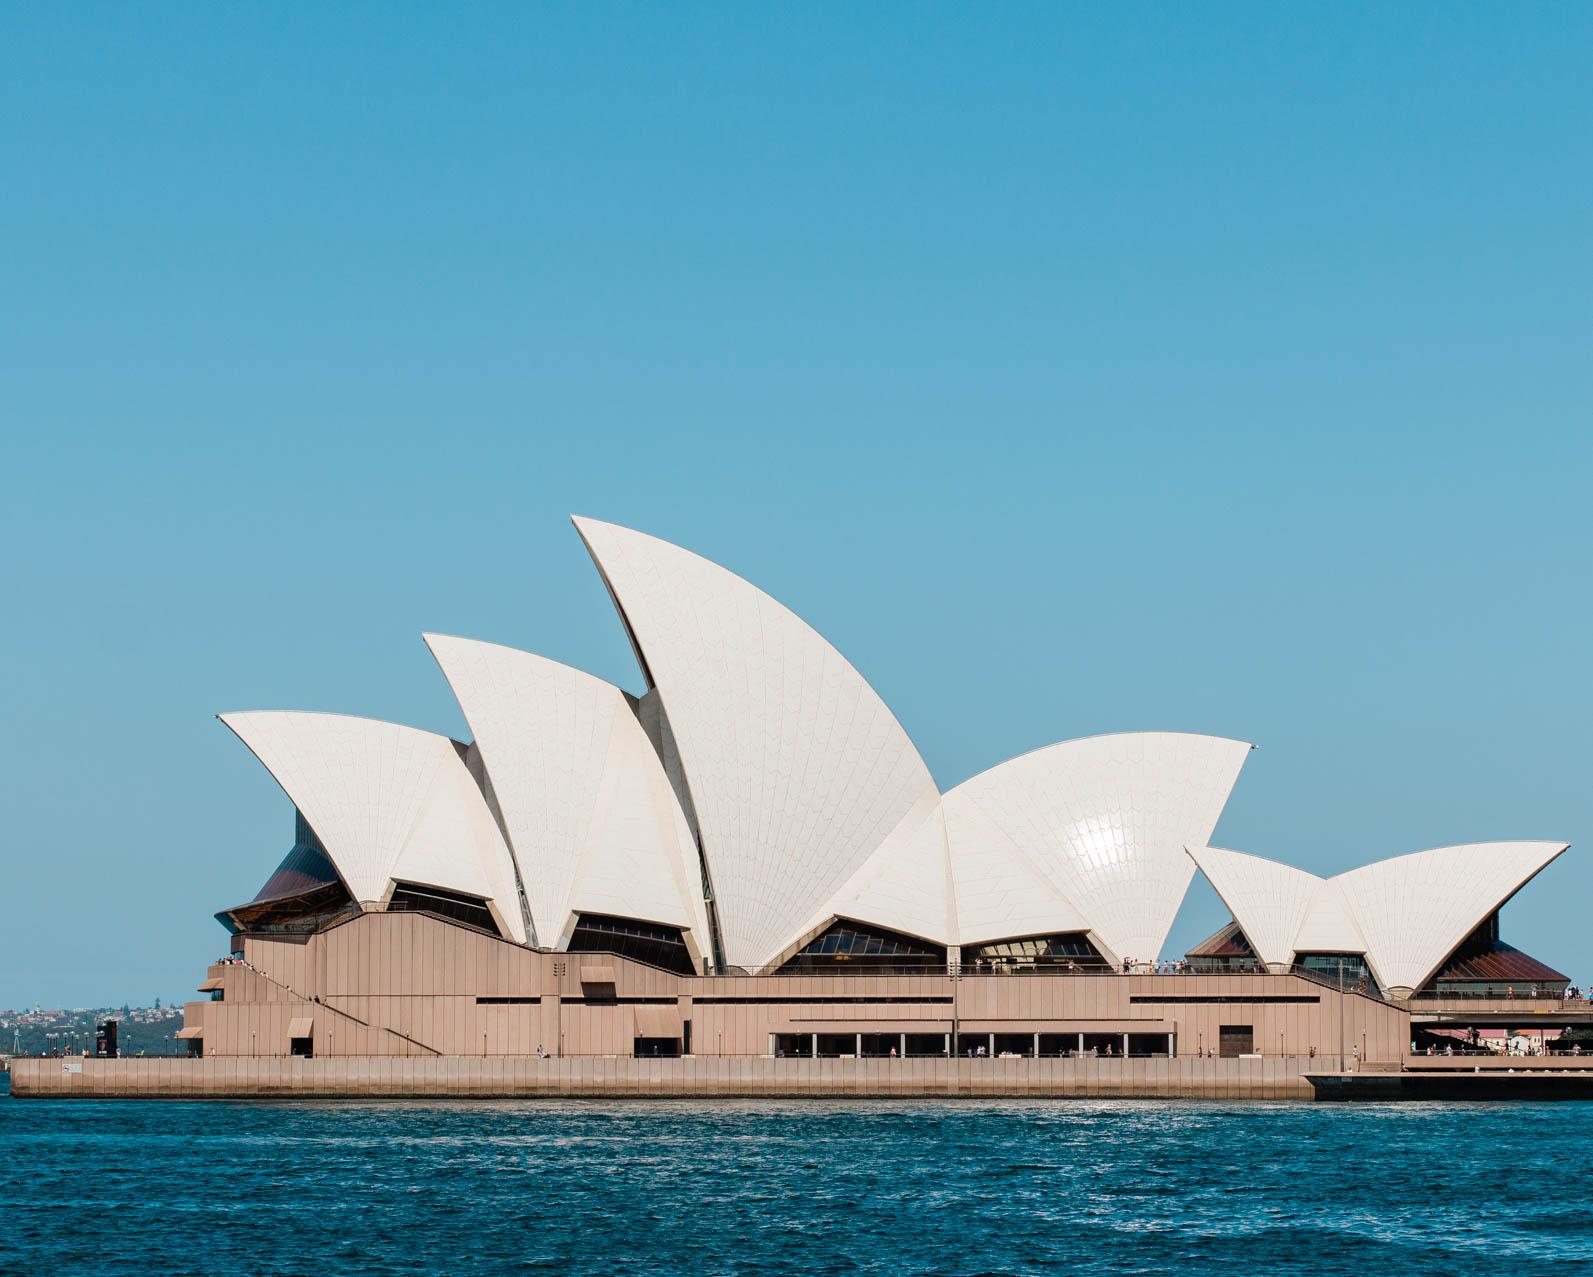 Elternzeitreise - Sydney genießen & entdecken mit Kind